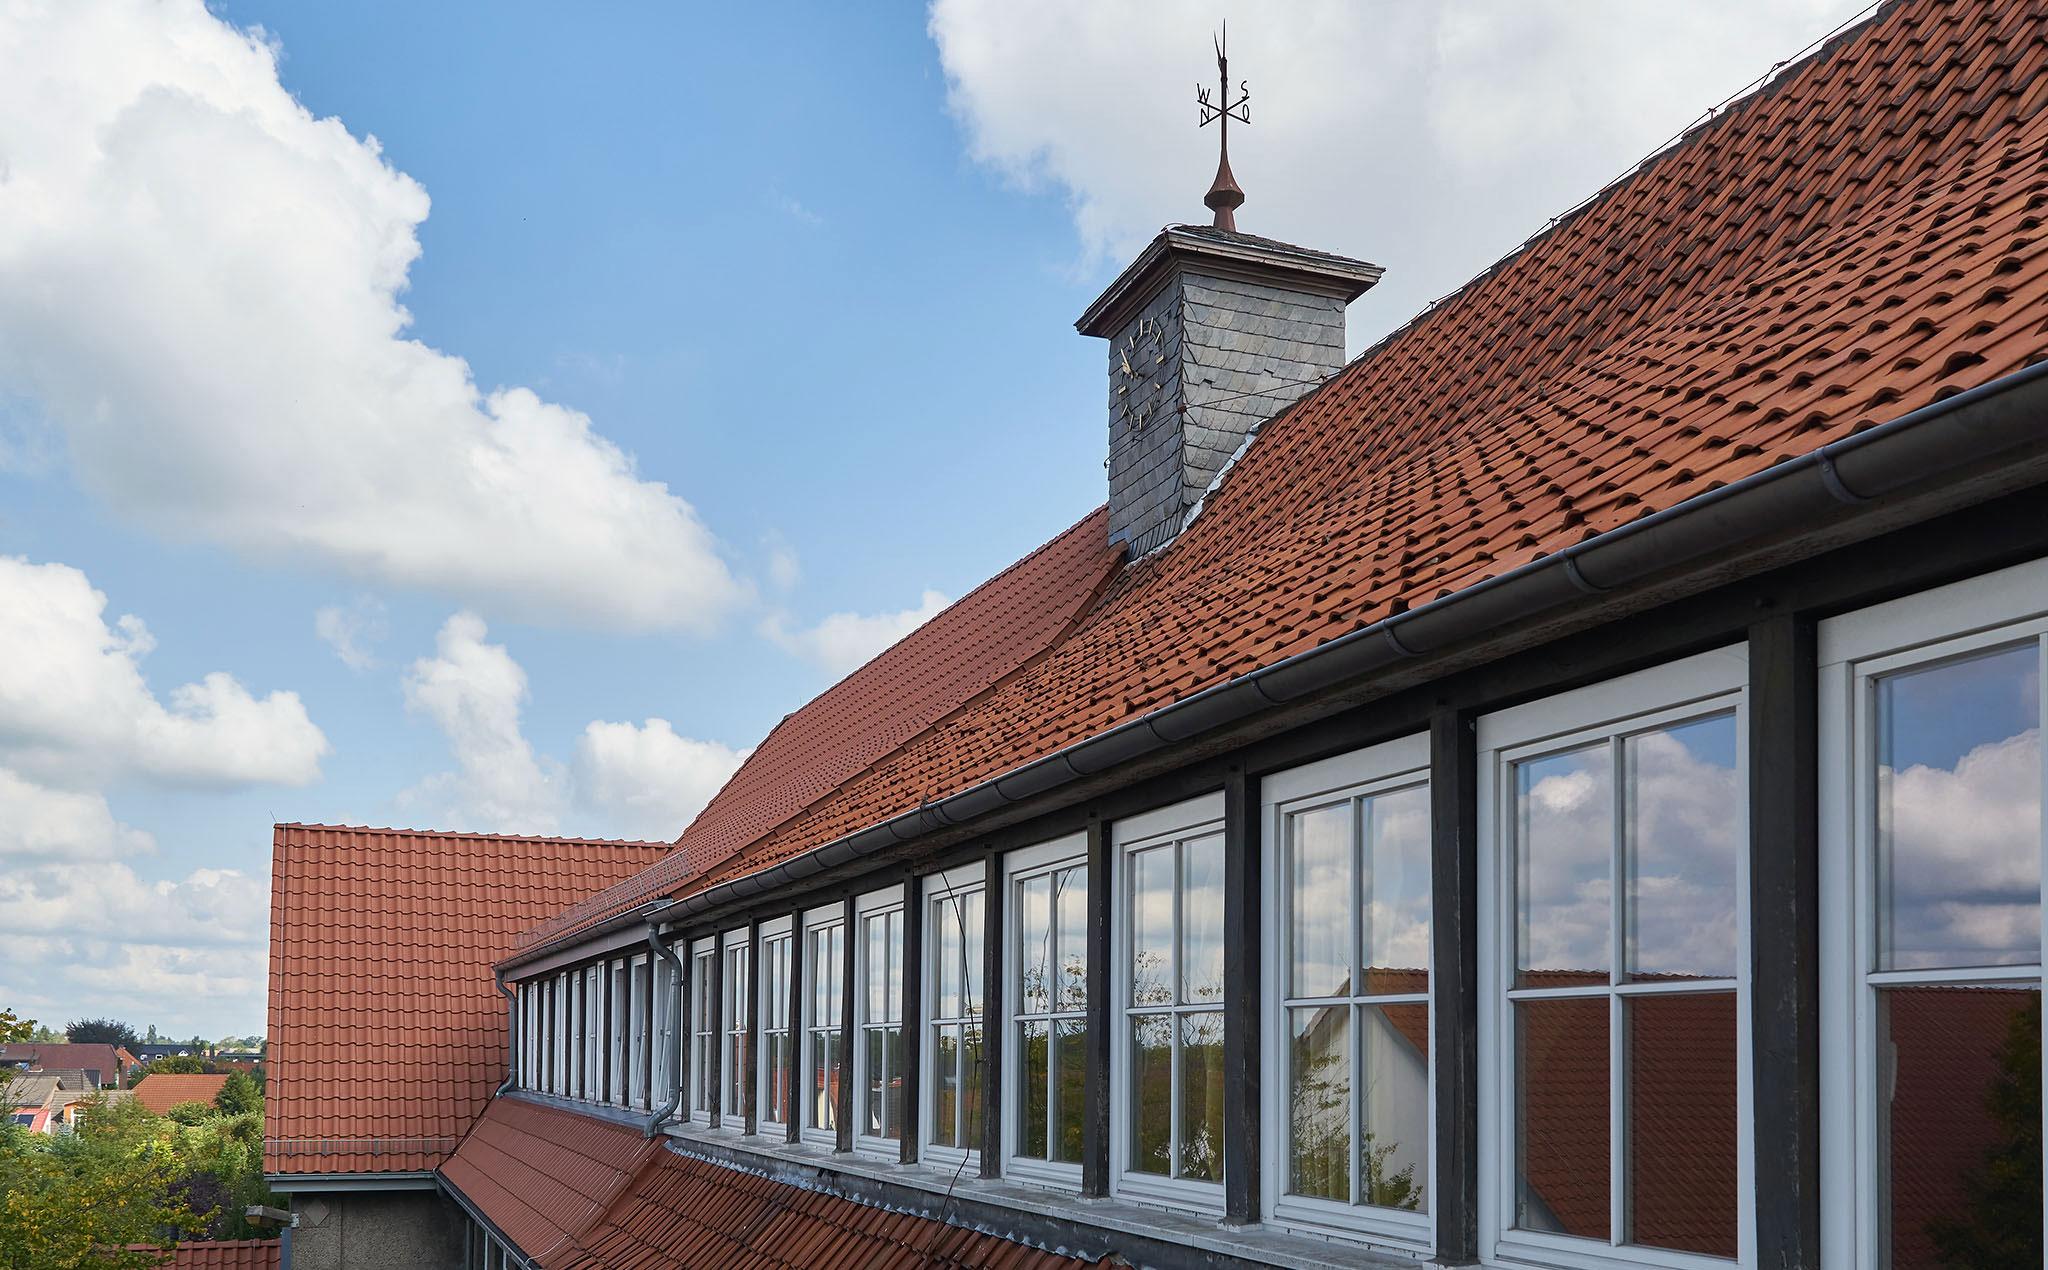 Dachfenster_HermannAllmersSchule